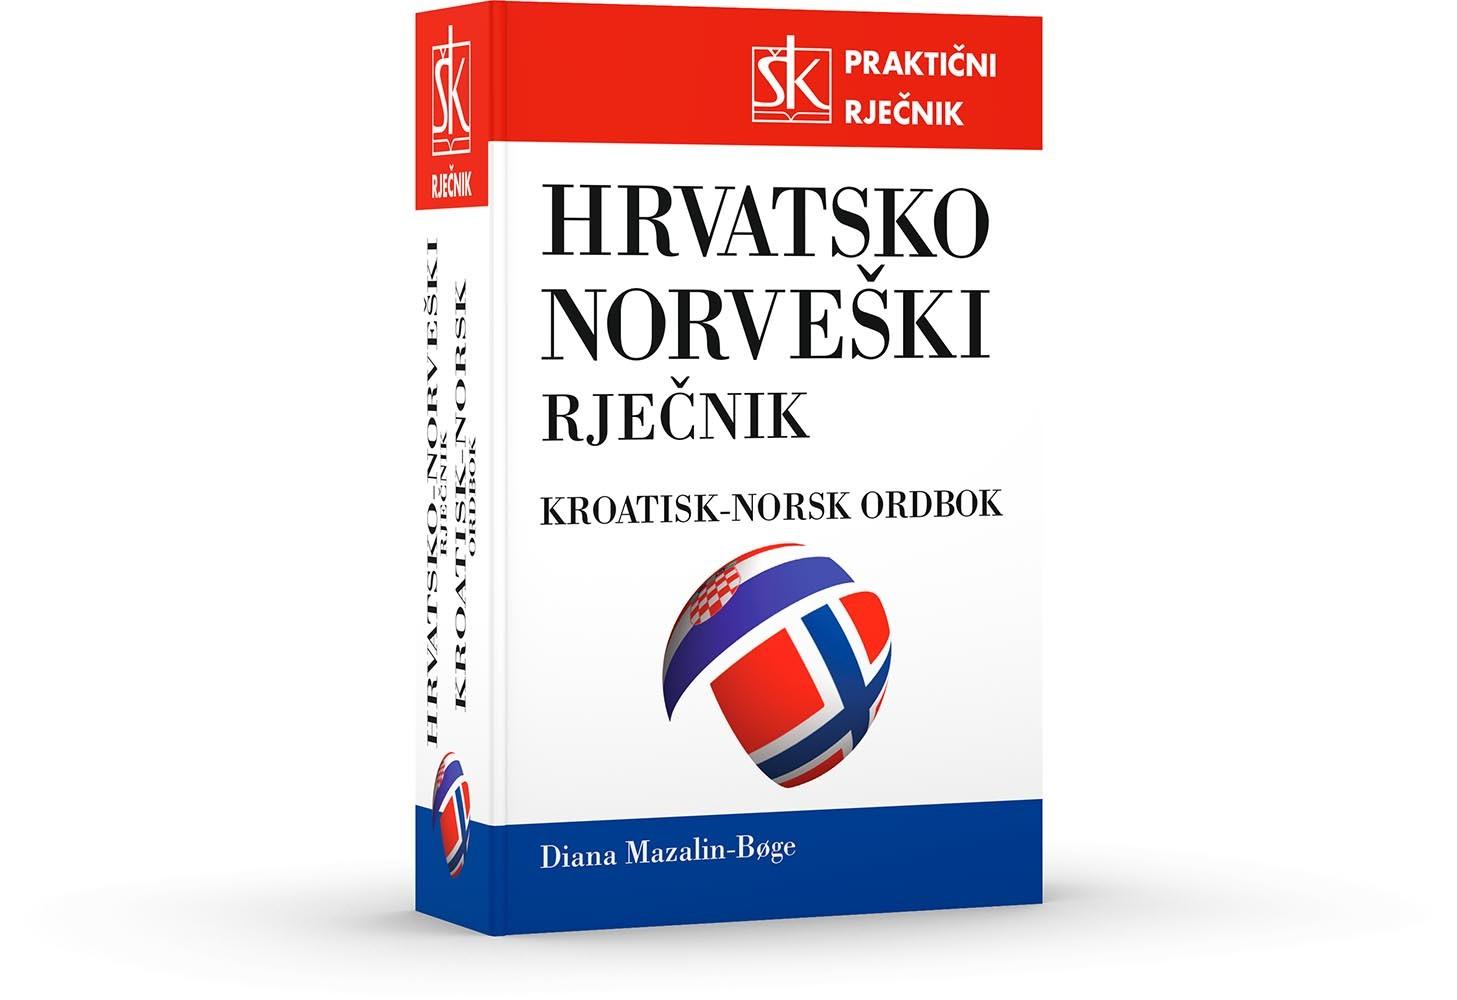 Hrvatsko-norveški praktični rječnik